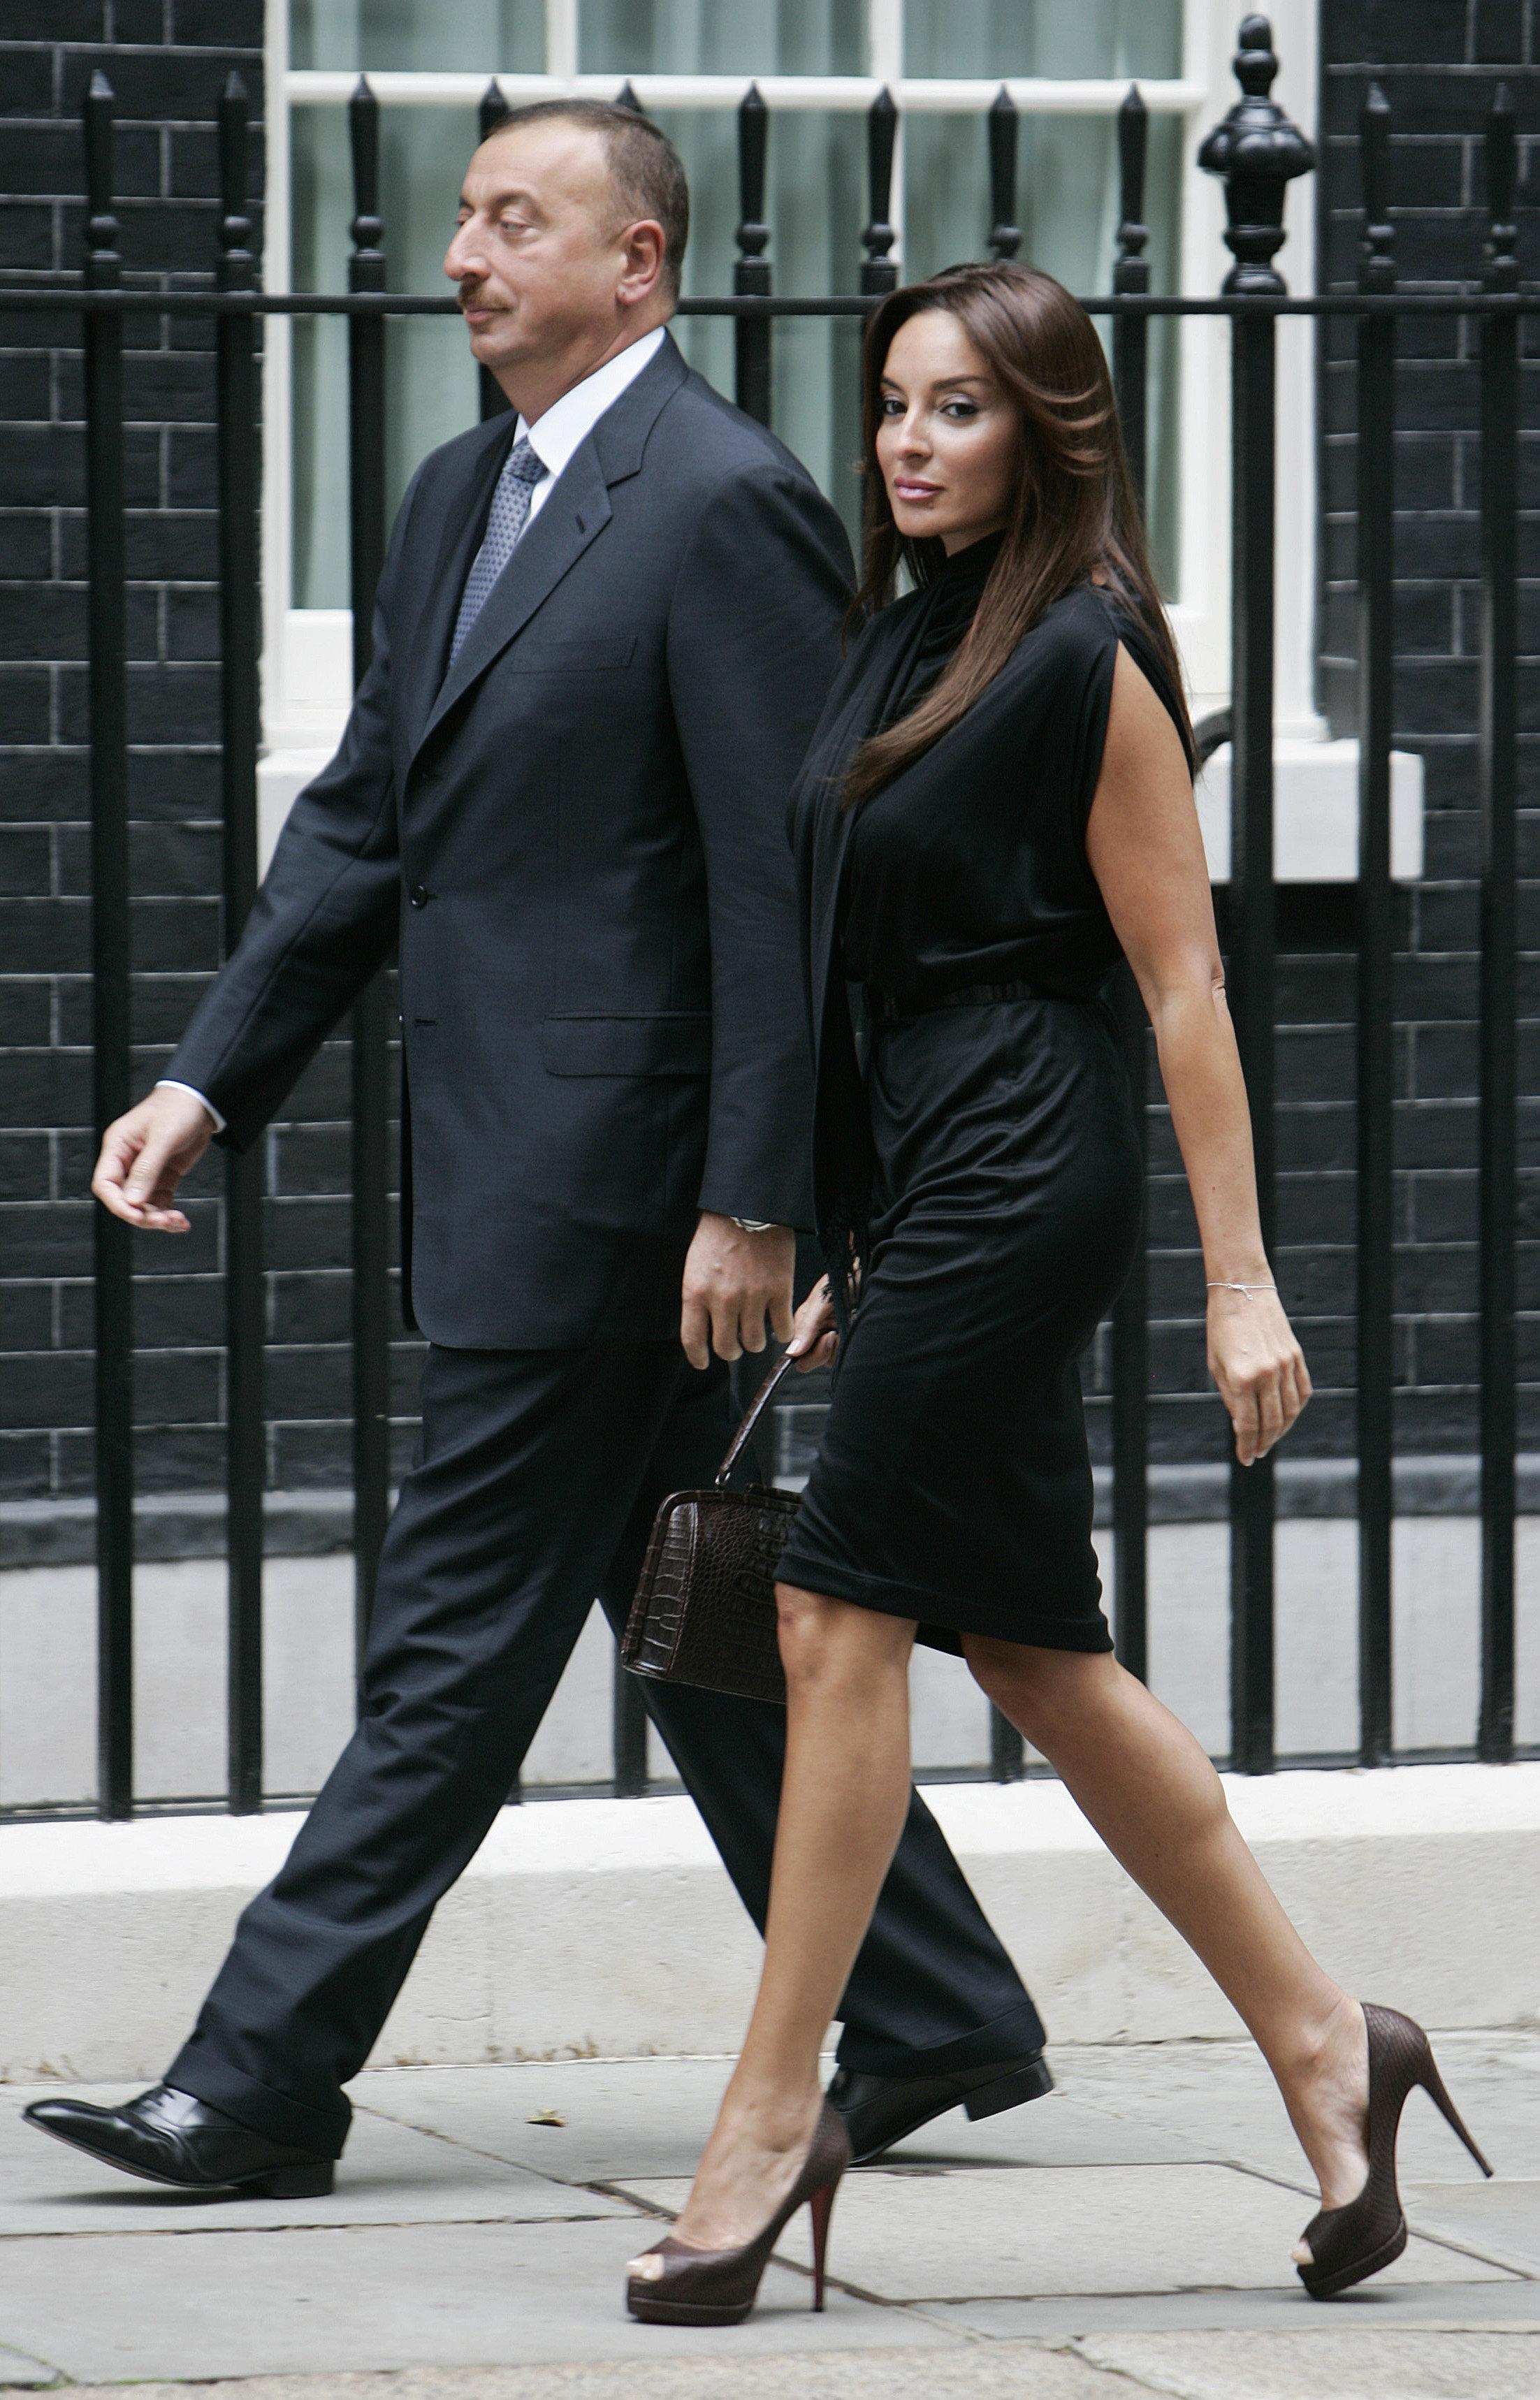 Президент Азербайджана Ильхам Алиев и его супруга Мехрибан Алиева прибывыют в официальную резиденцию премьер-министра Великобритании Гордона Брауна, Лондон, 2009